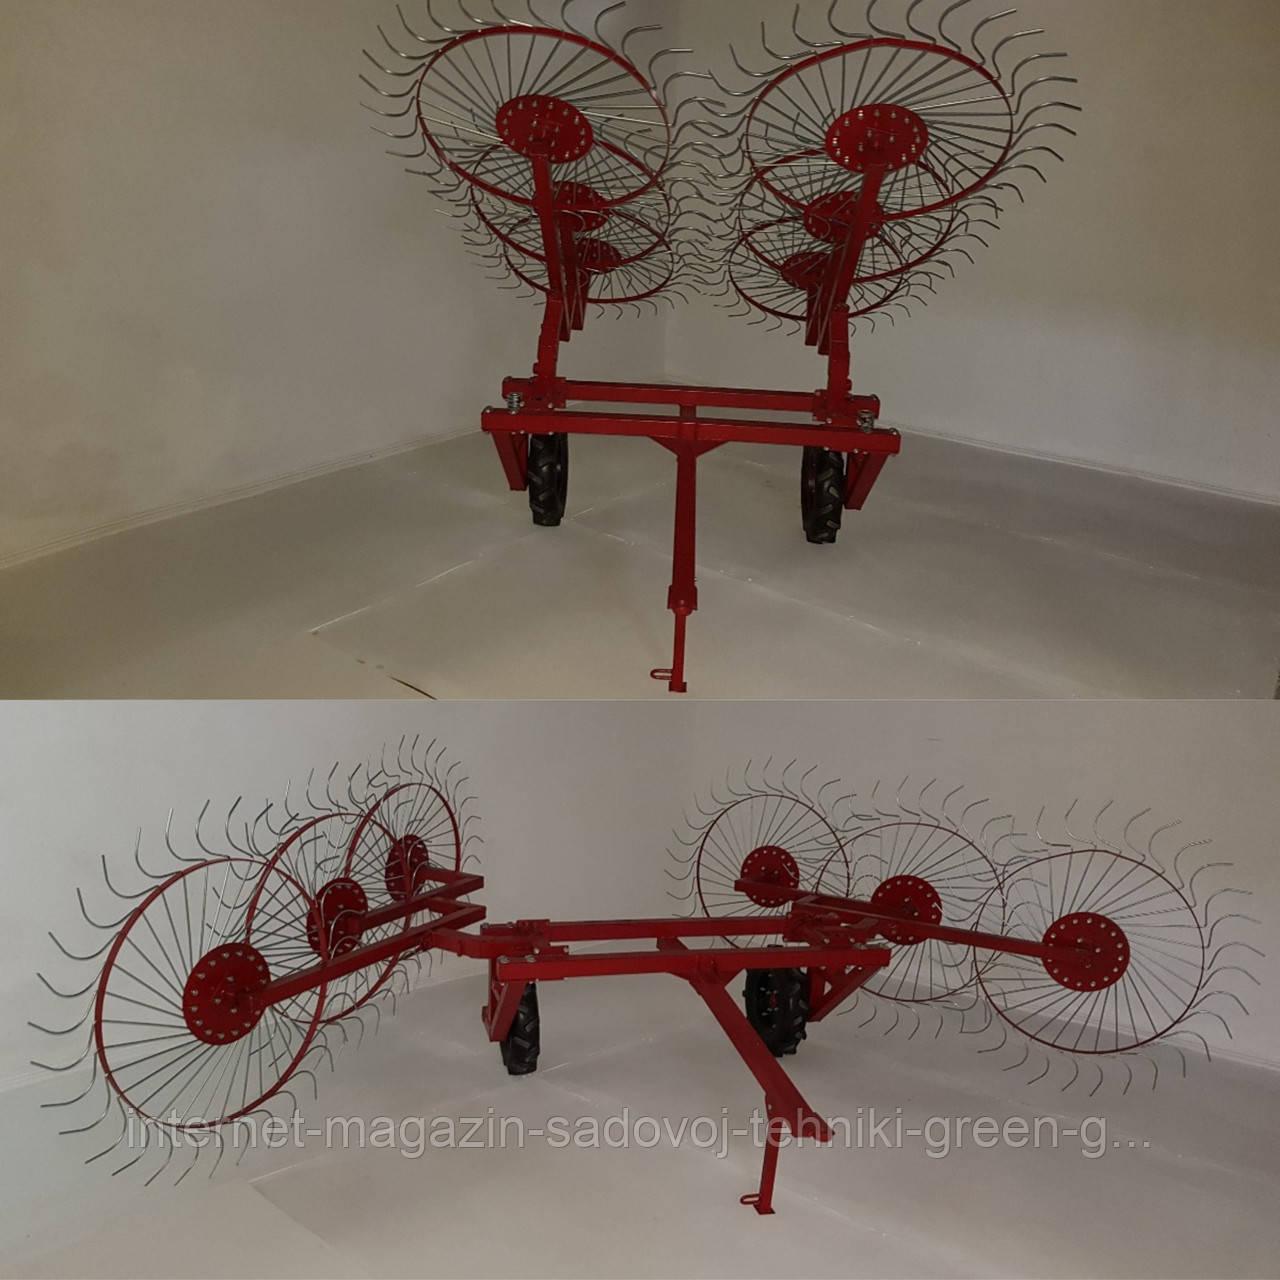 Грабли усиленные Солнышко 6 (шестирядные) для мототрактора, минитрактора, трактора